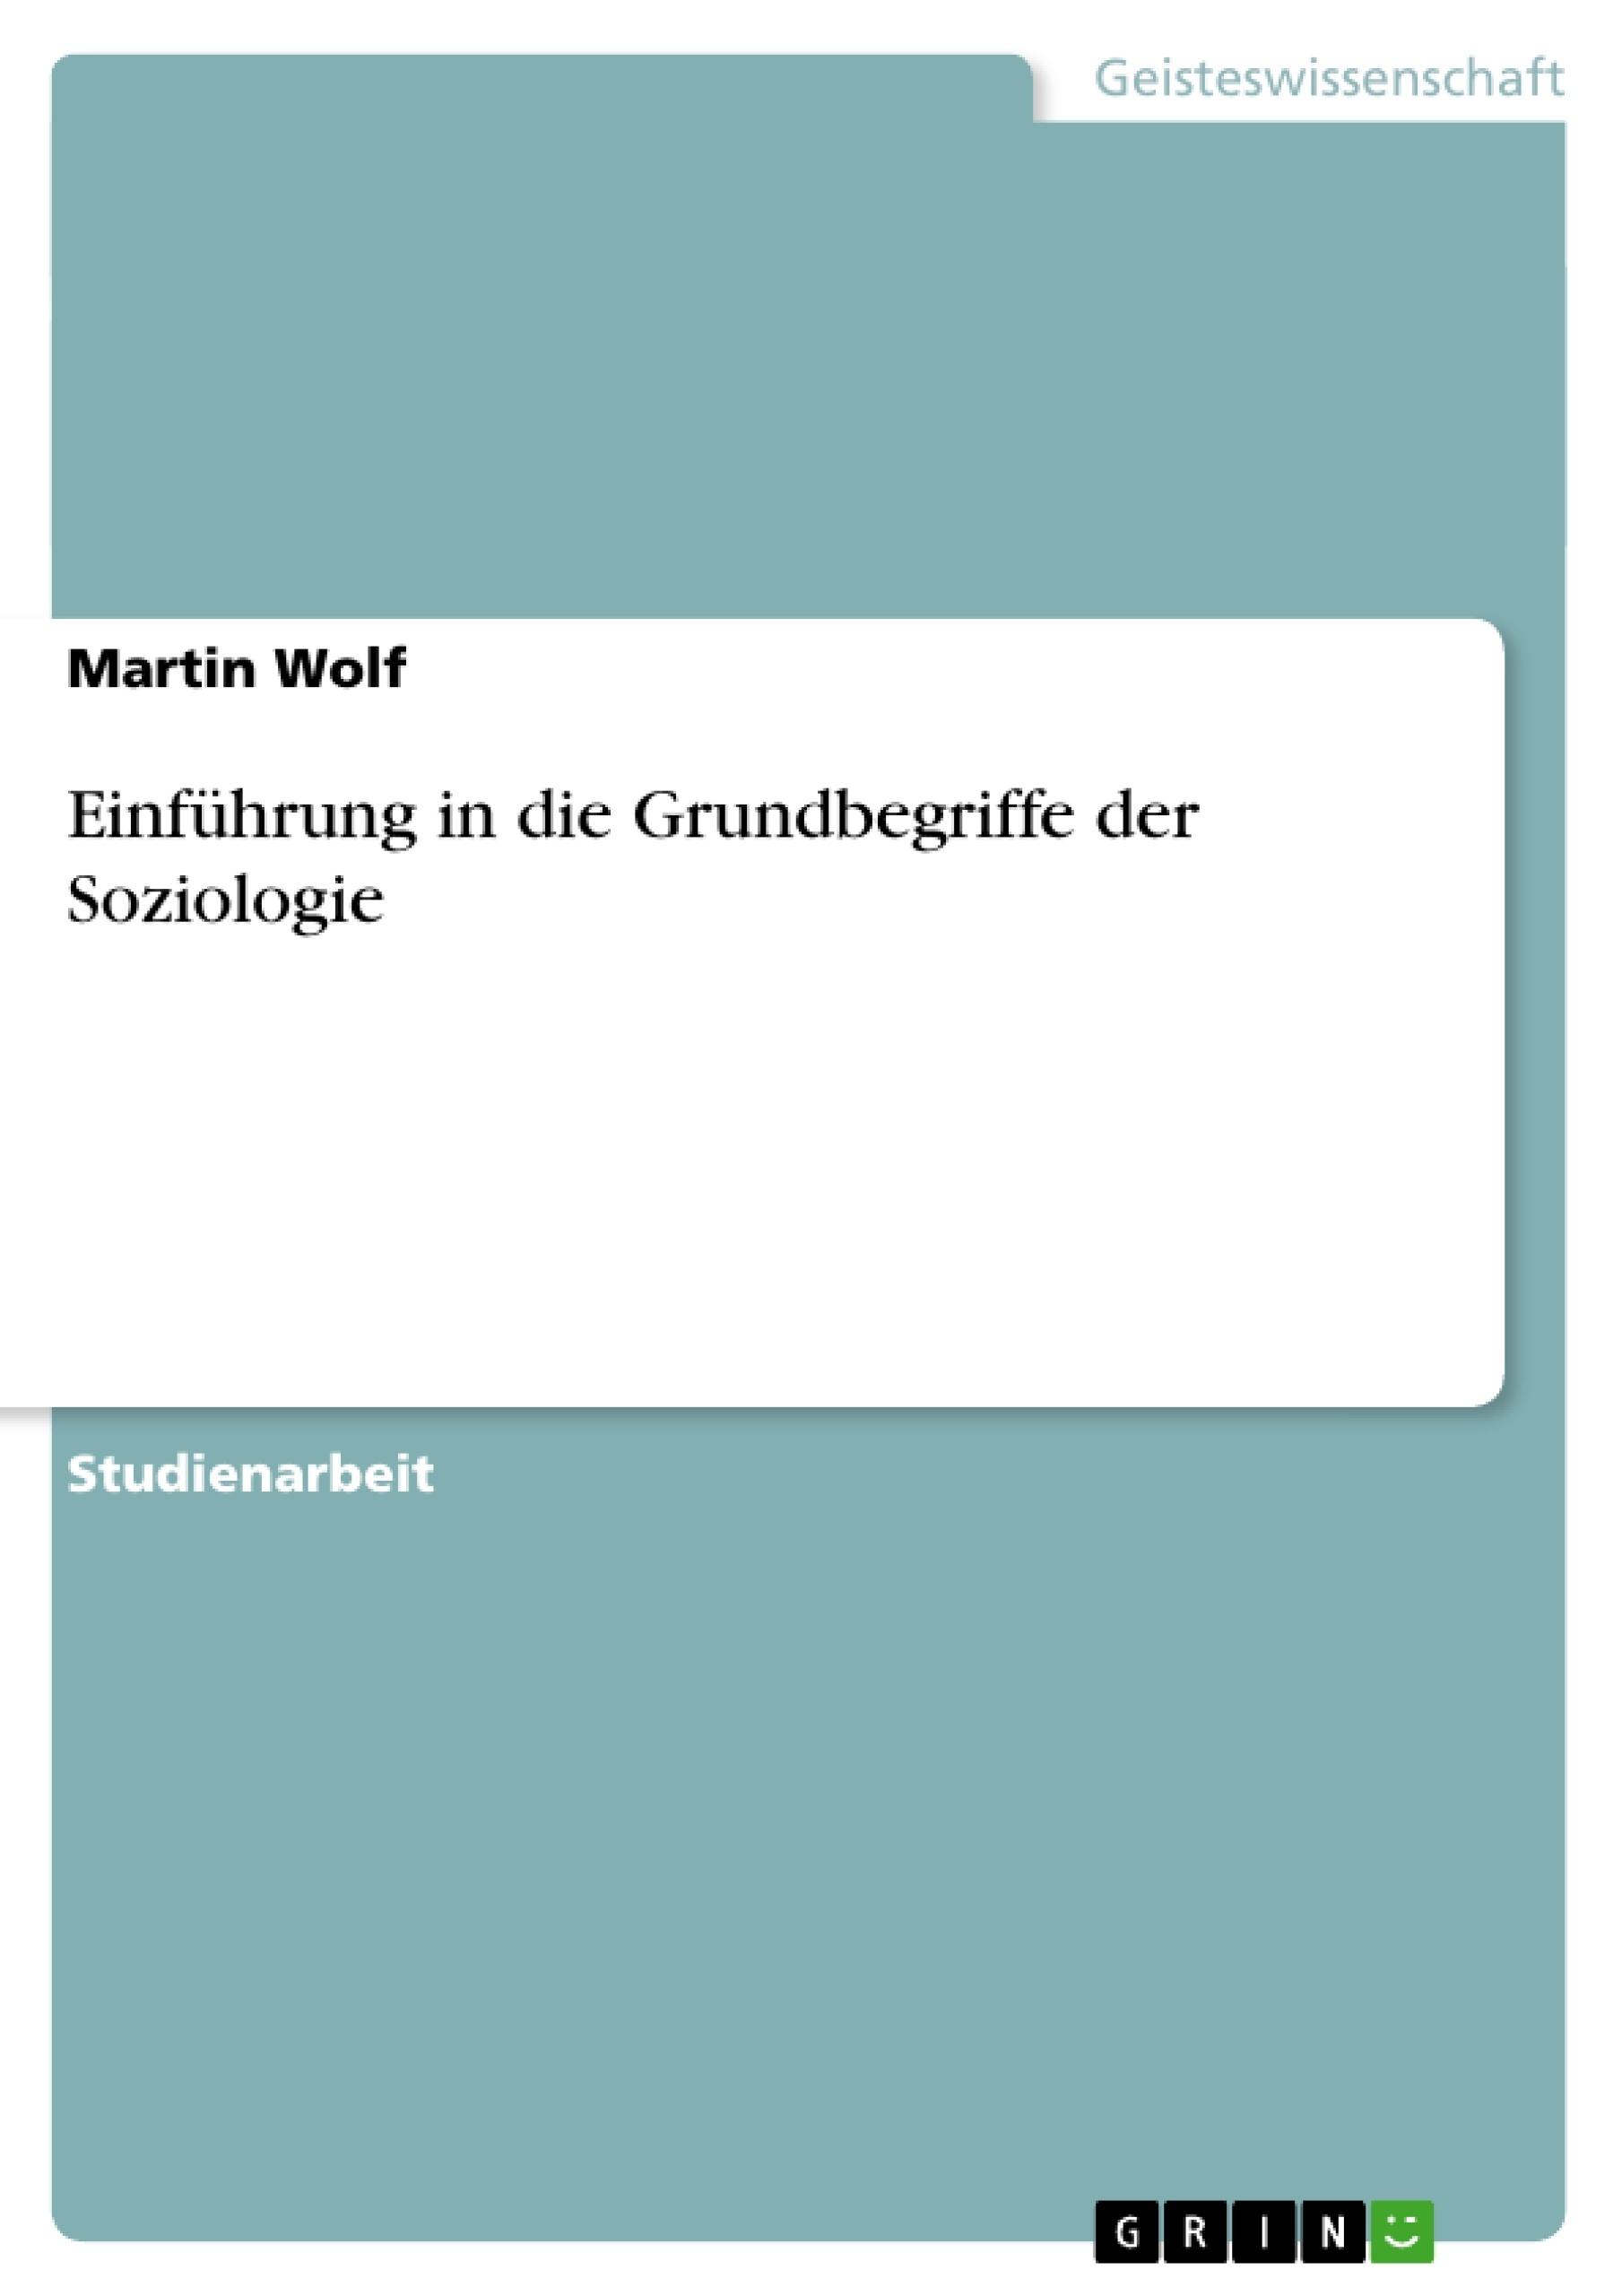 Titel: Einführung in die Grundbegriffe der Soziologie